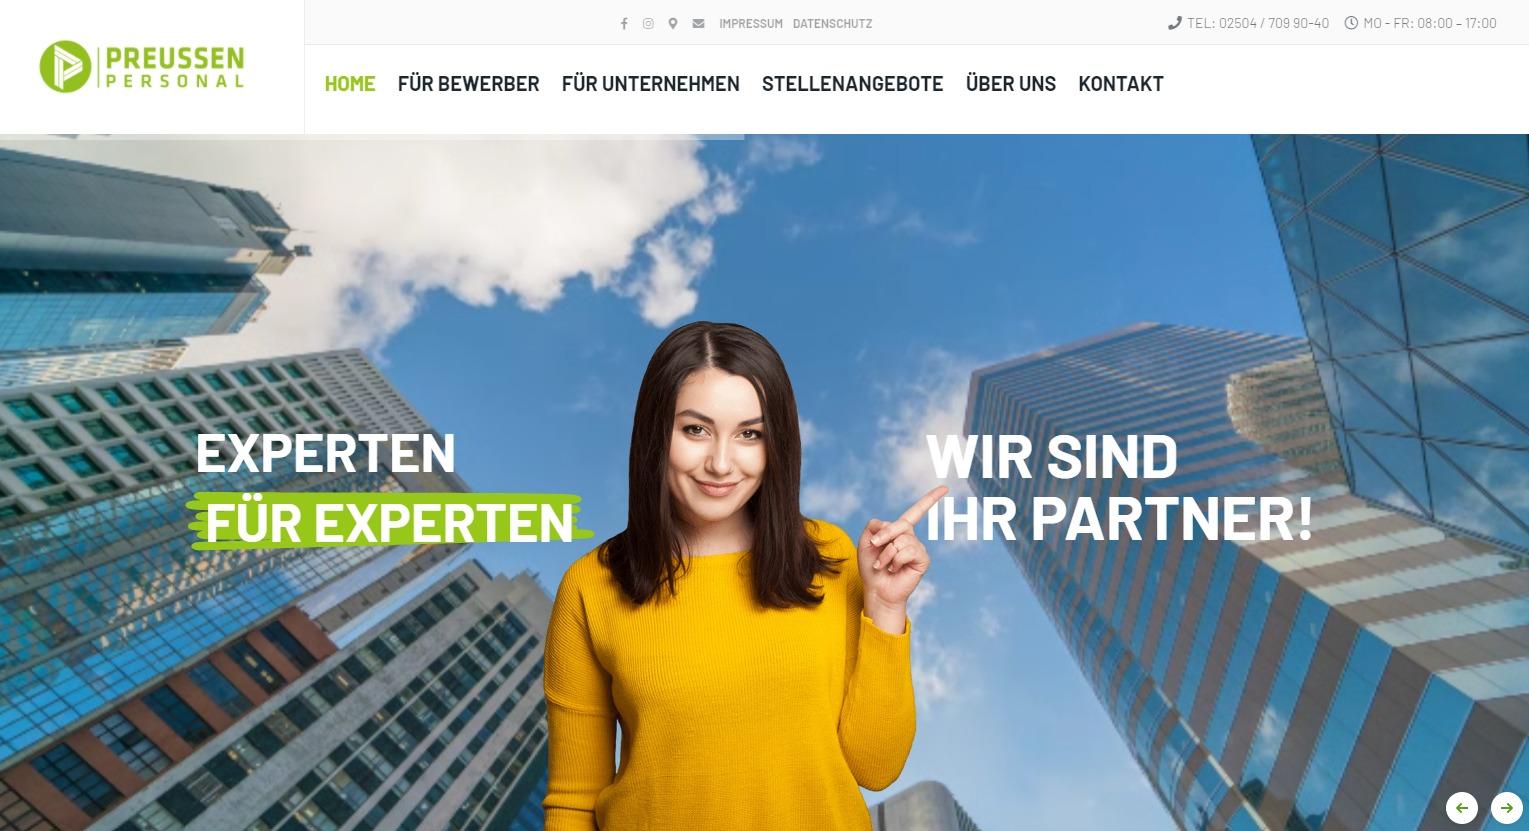 Neue Webseite von Preussen Personal